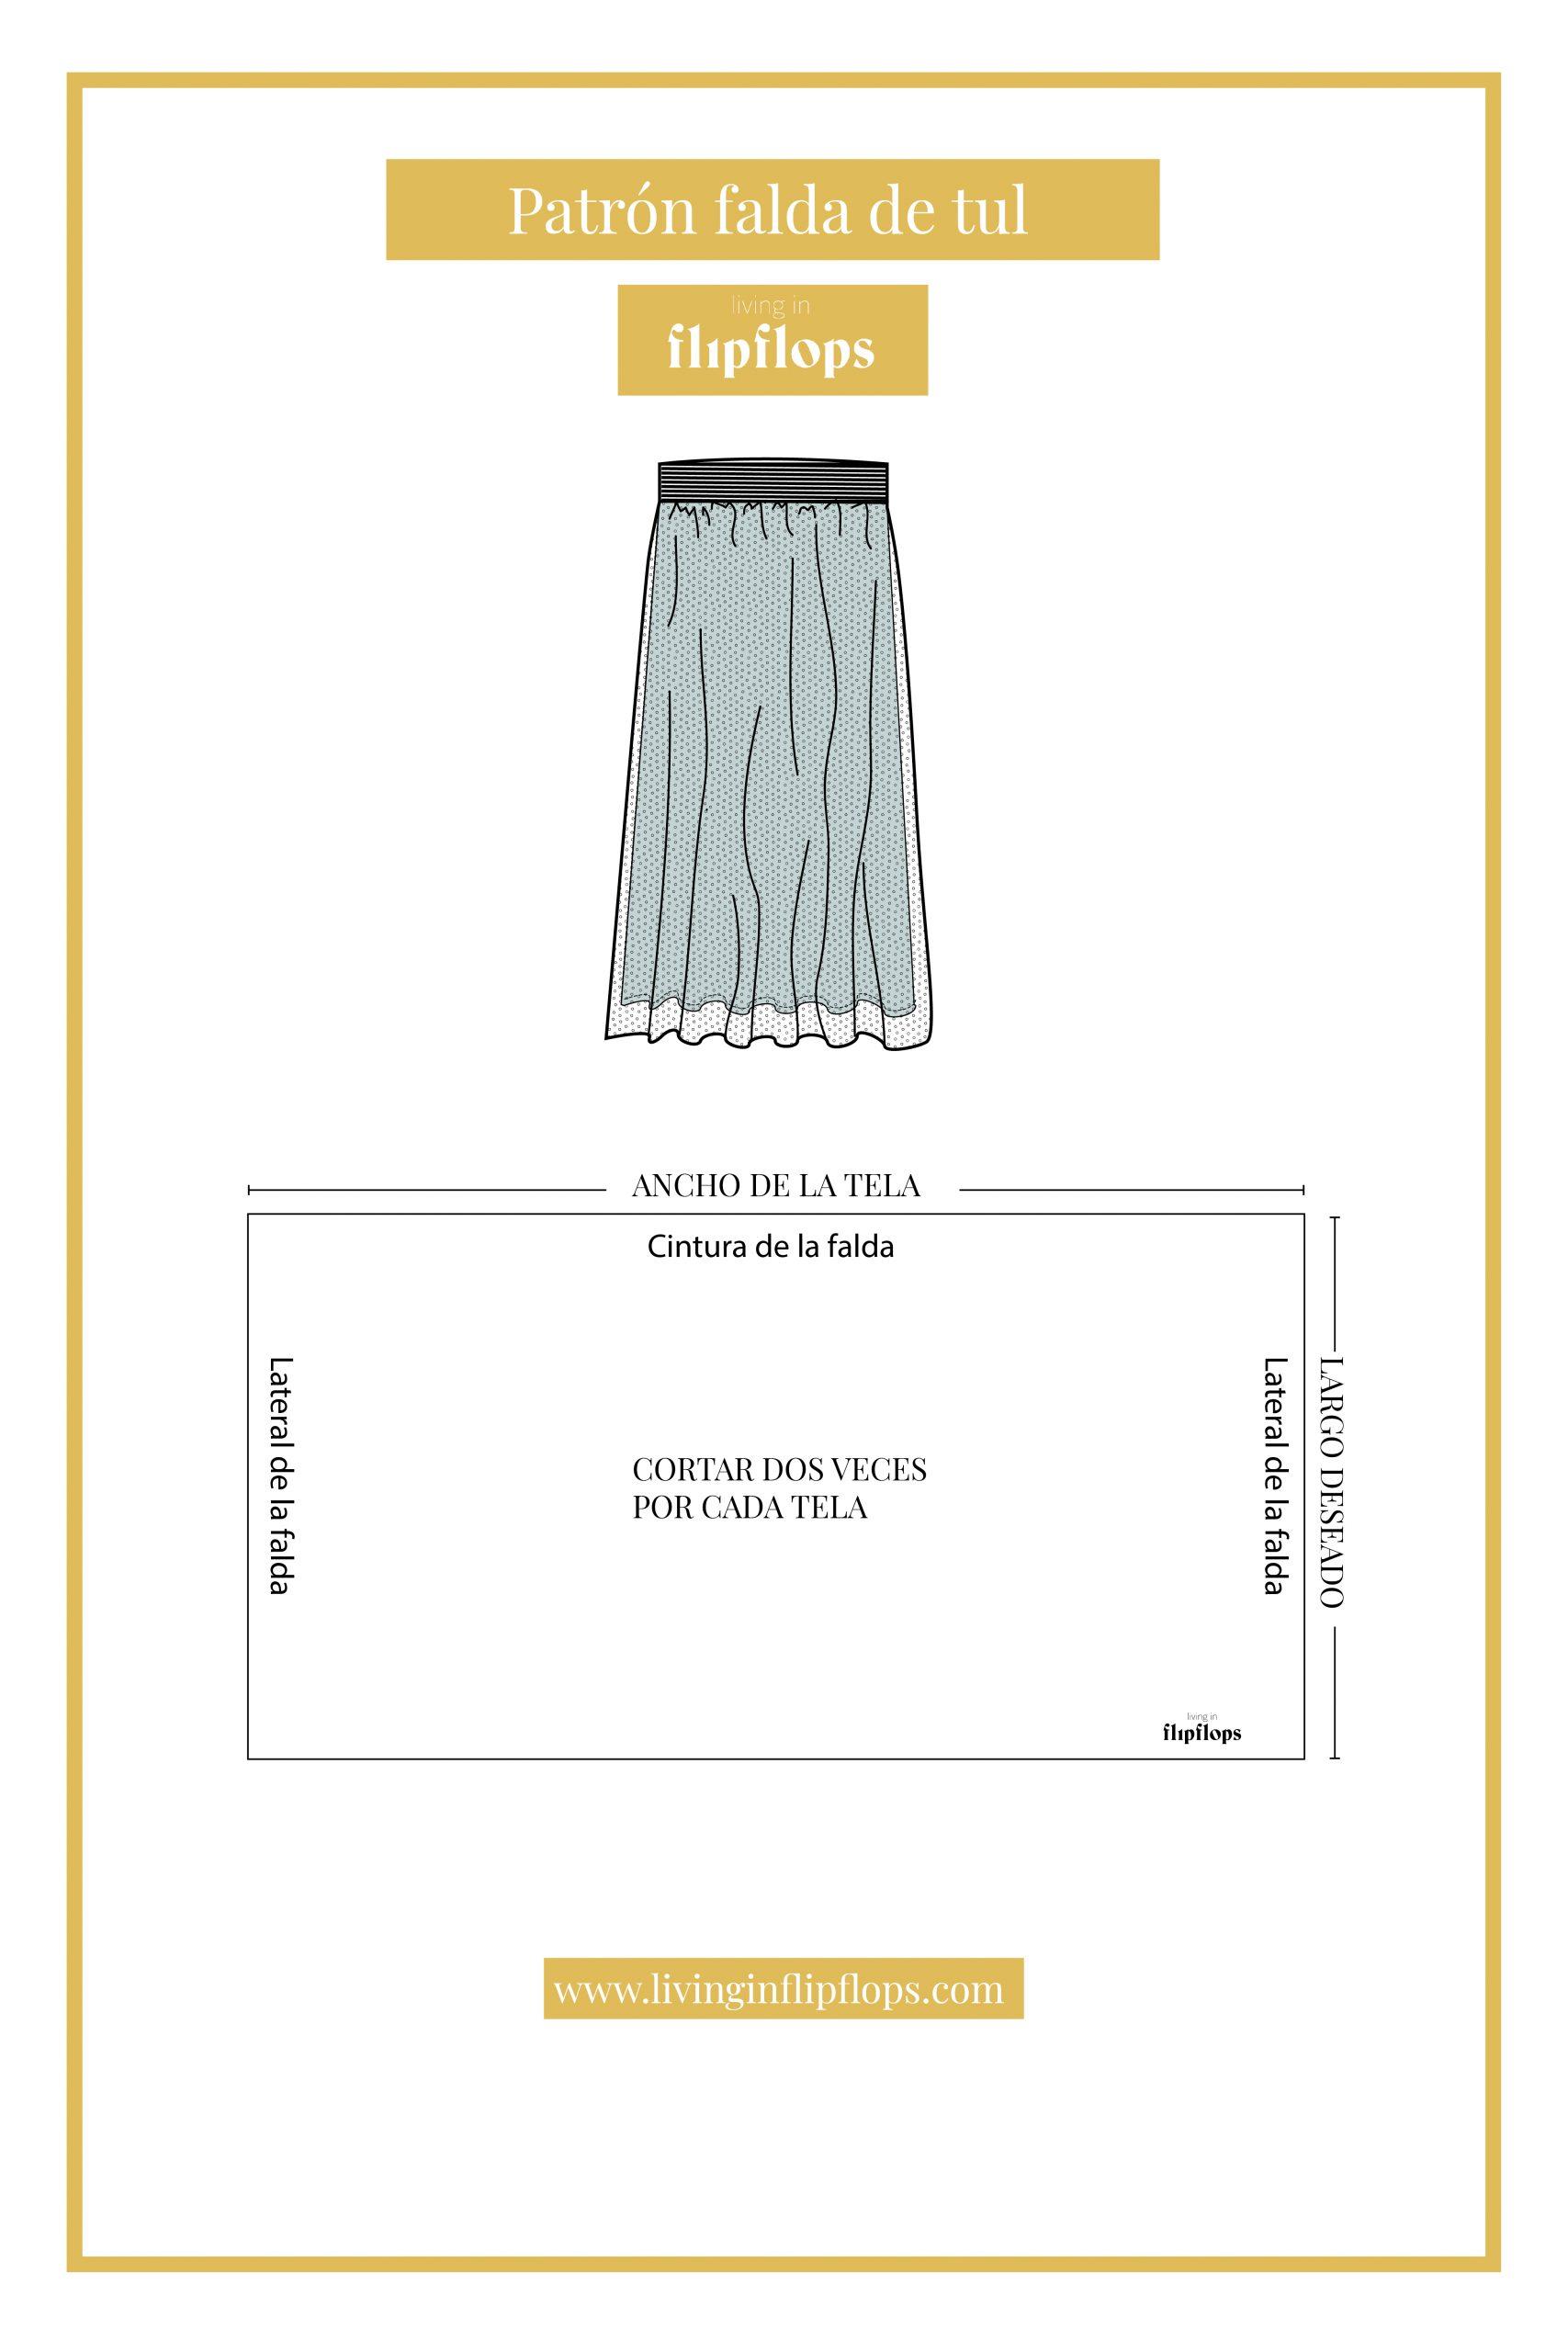 patrón de costura falda de tul de living in flipflops